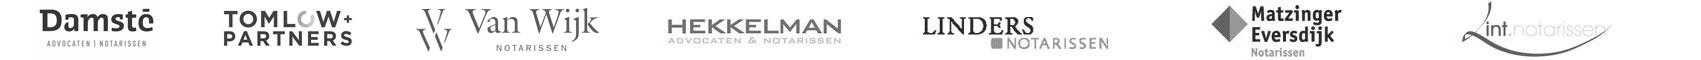 Stichting-oprichten-notaris-Logos